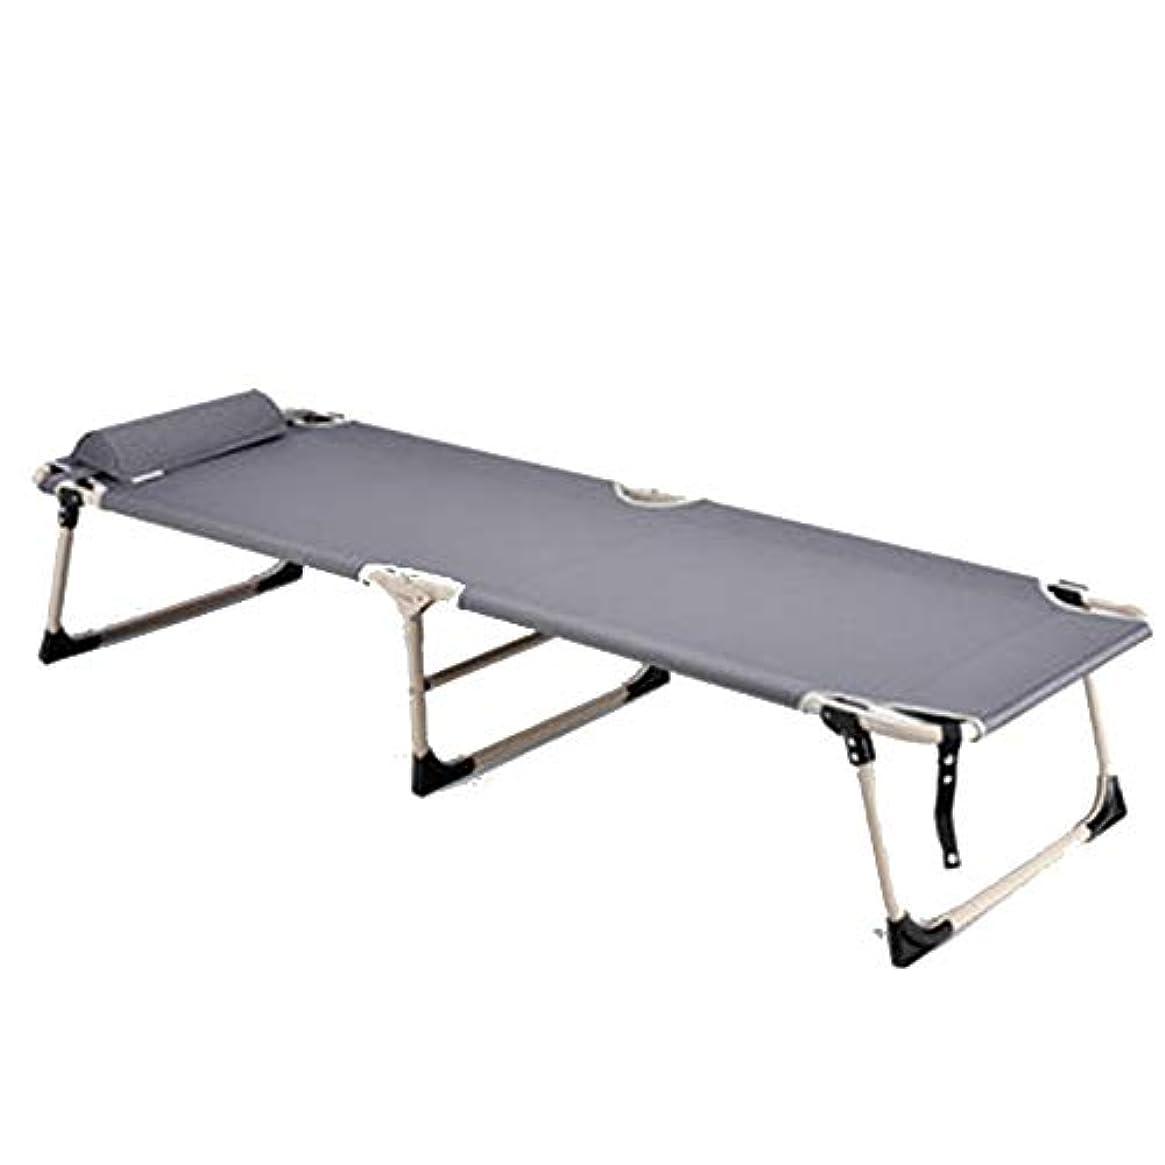 資本筋肉の五屋外折りたたみベッドリクライニングチェアダブルベッドシングルベッドビーチベッドビーチチェアパープル (Color : Gray)